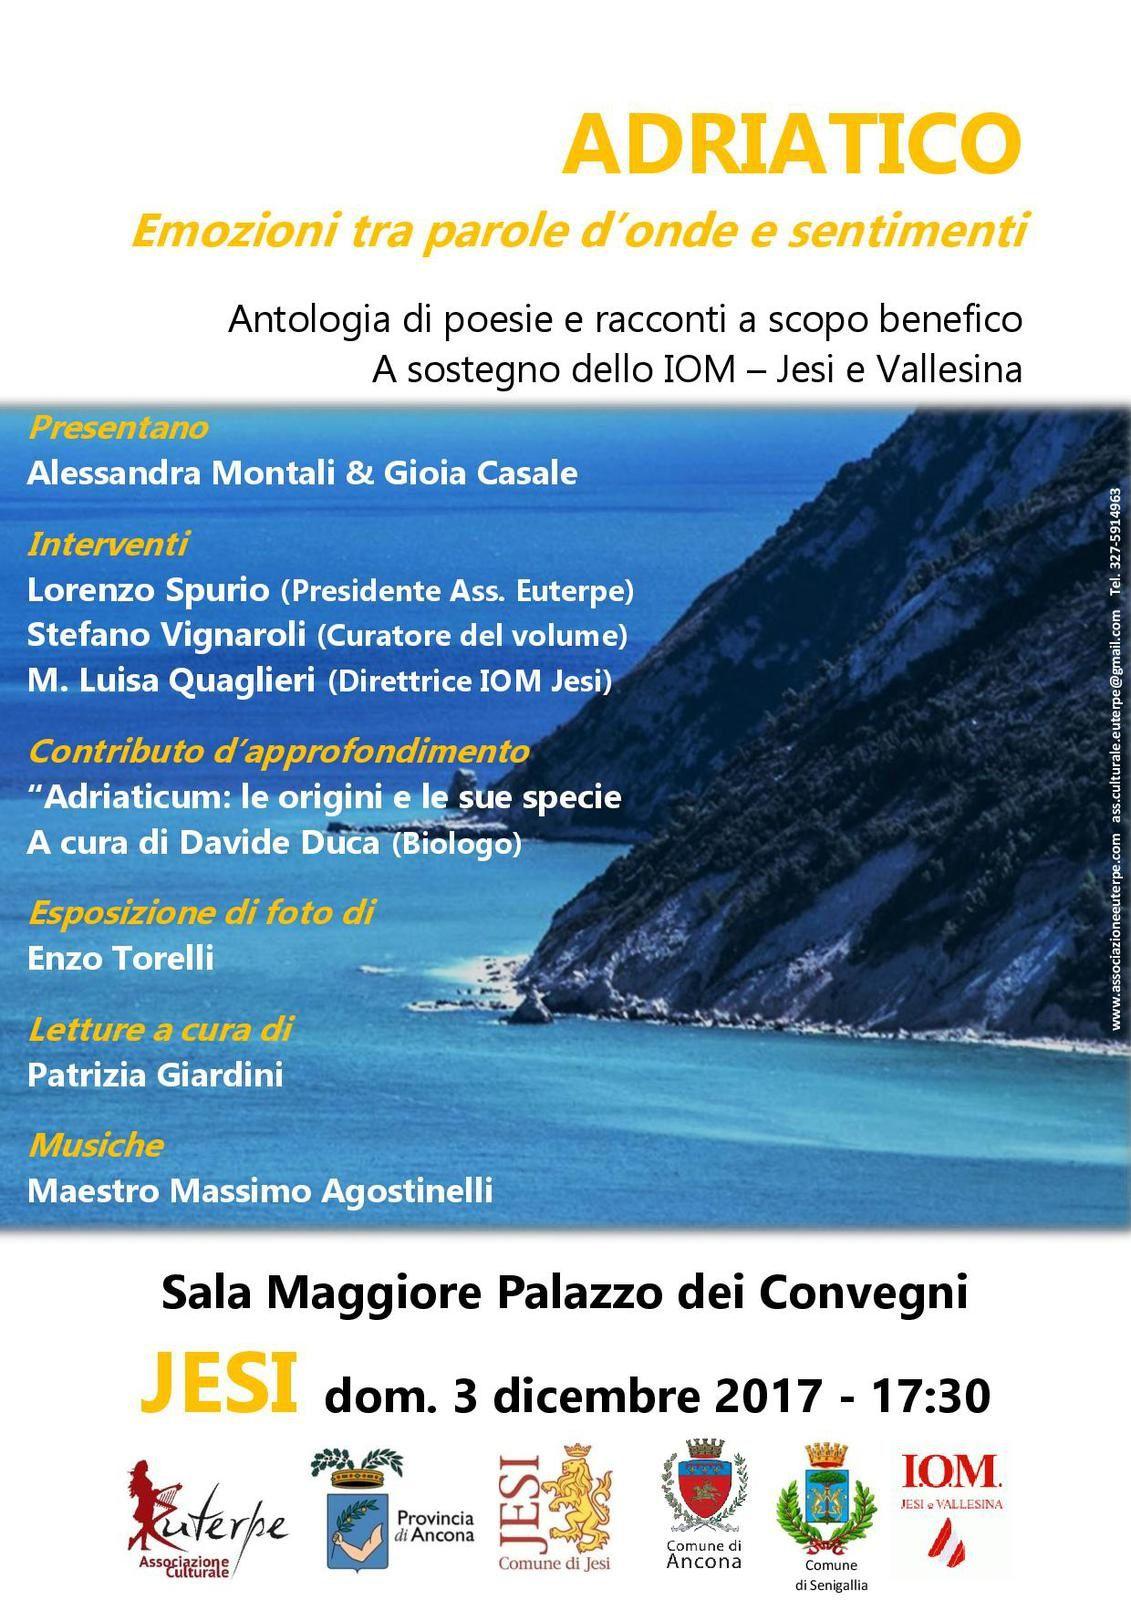 Antologia - Adriatico